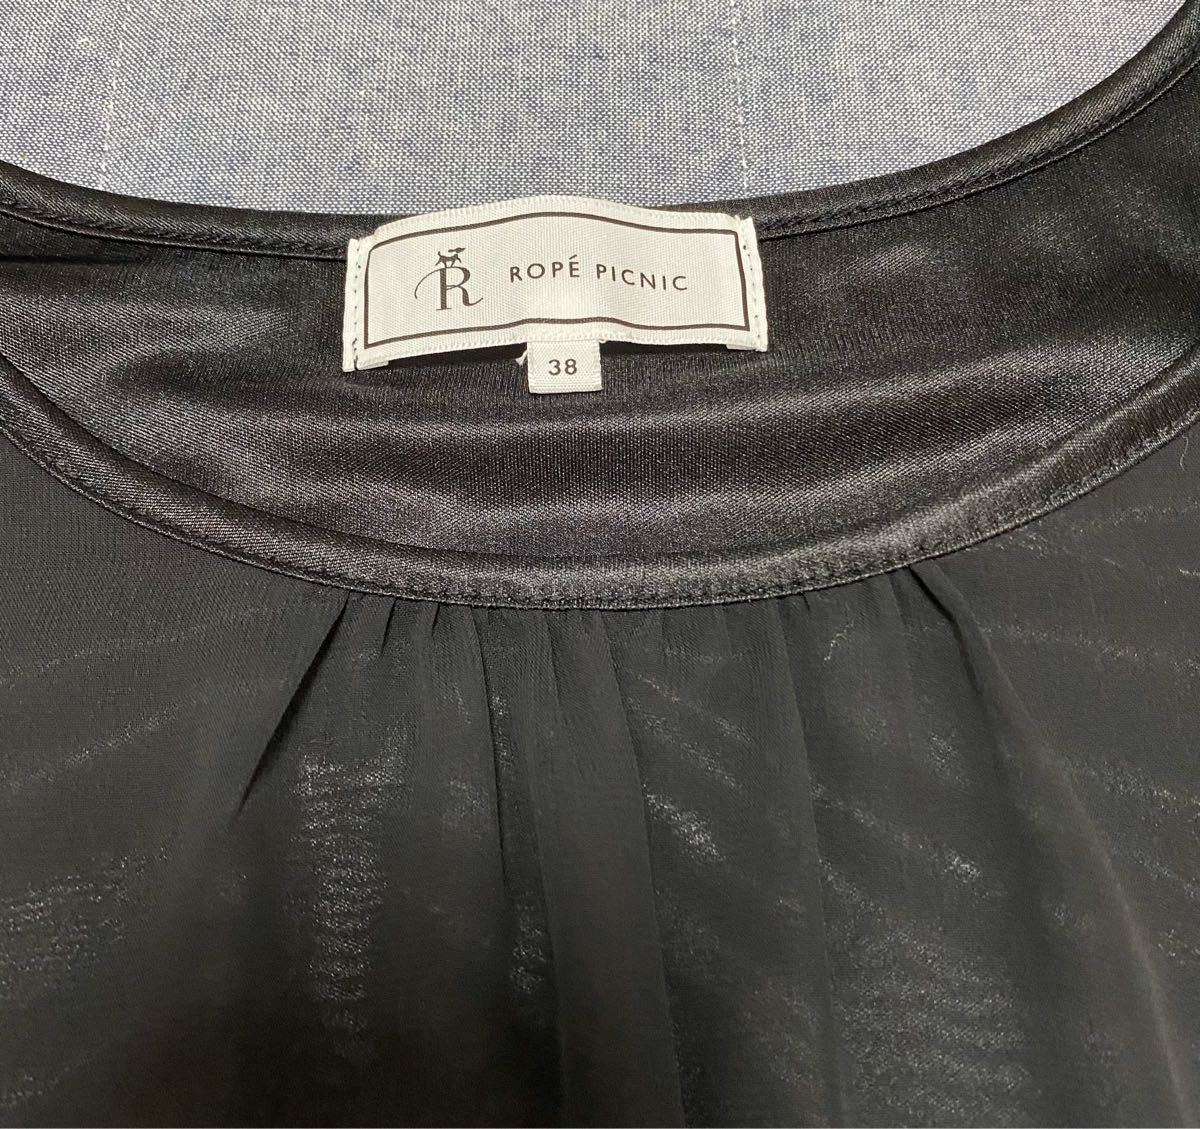 トップス ブラウス半袖 ロペピクニック ブラック Mサイズ